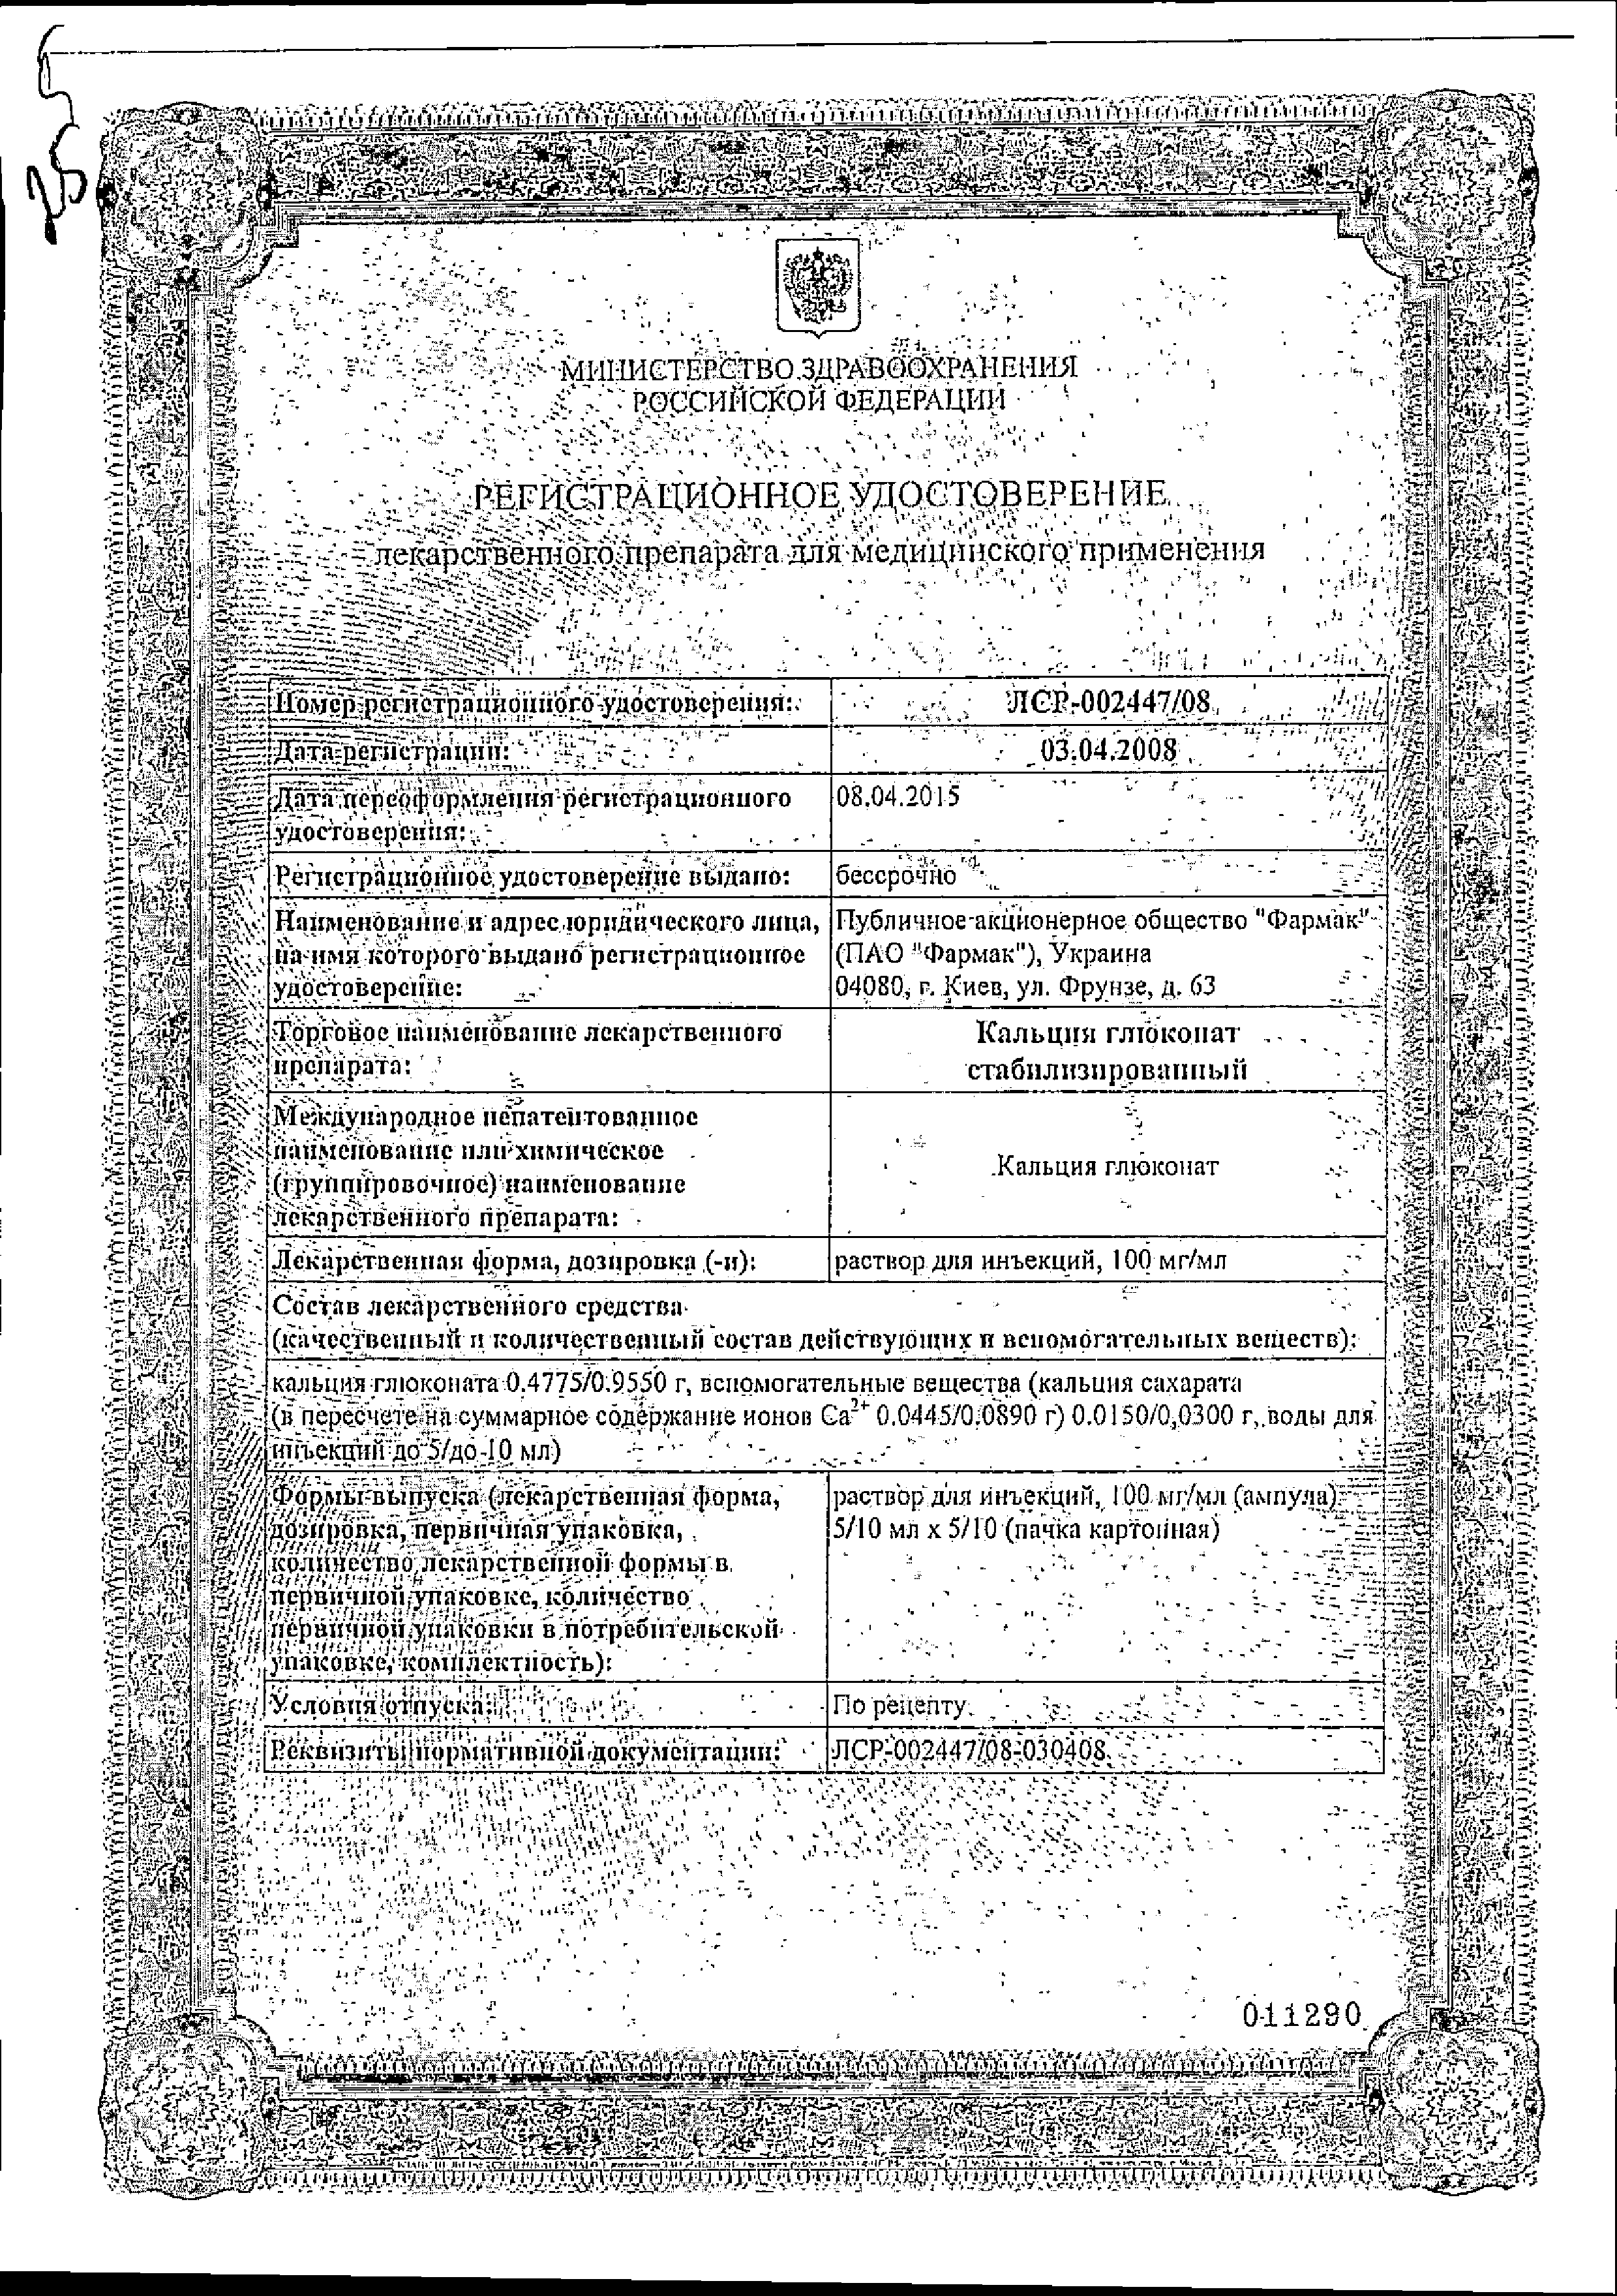 Кальция глюконат стабилизированный сертификат